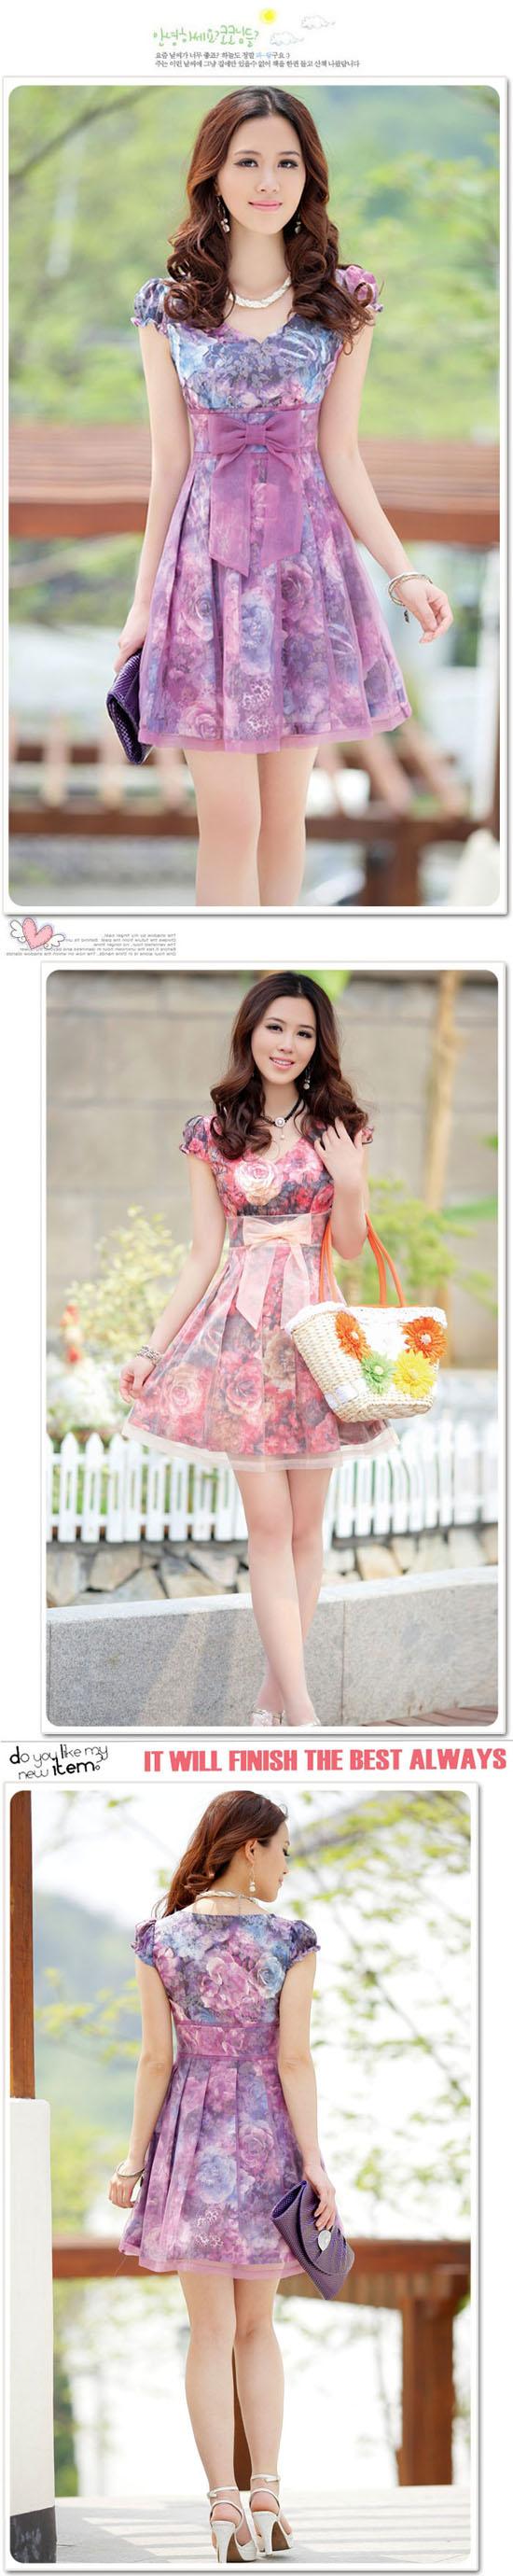 ชุดราตรี แฟชั่นเกาหลีไปงานแต่งสวยลายดอกไม้เทรนหวานไซส์Lถึง2XLสีม่วง - พร้อมส่งSJ1139 ราคา1188บาท